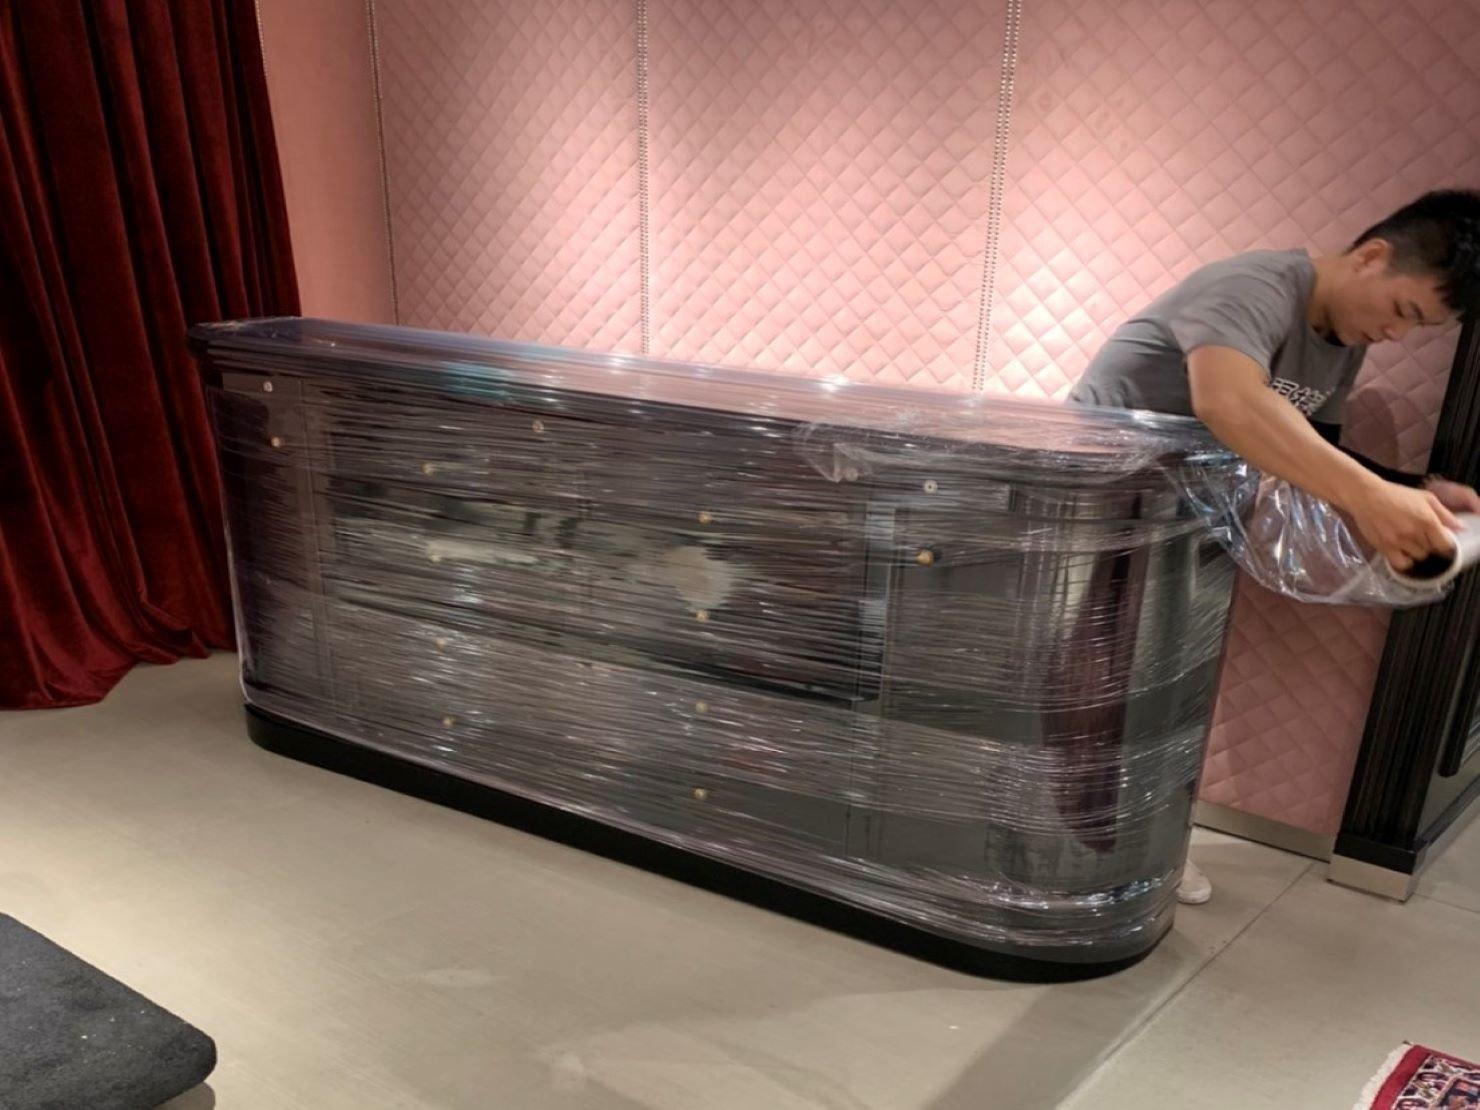 裝箱打包【榮福搬家】百貨撤場搬運、精緻搬家,口碑第一、台北搬家推薦:長櫃:完整包覆整個物體,達到多功能的防護。